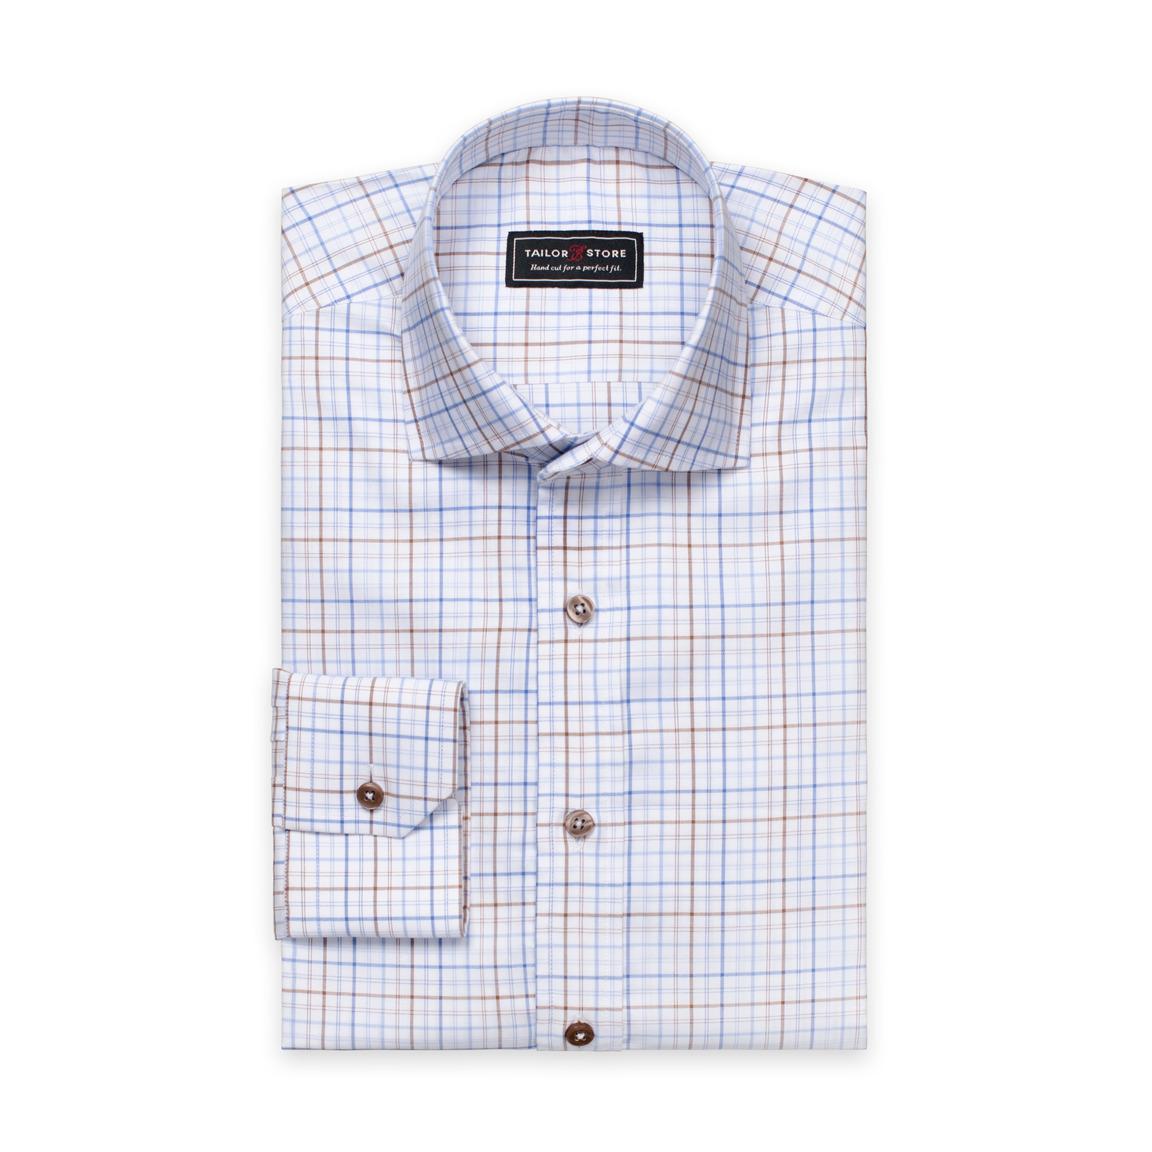 Hvit/Blå/Brunrutete oxfordskjorte